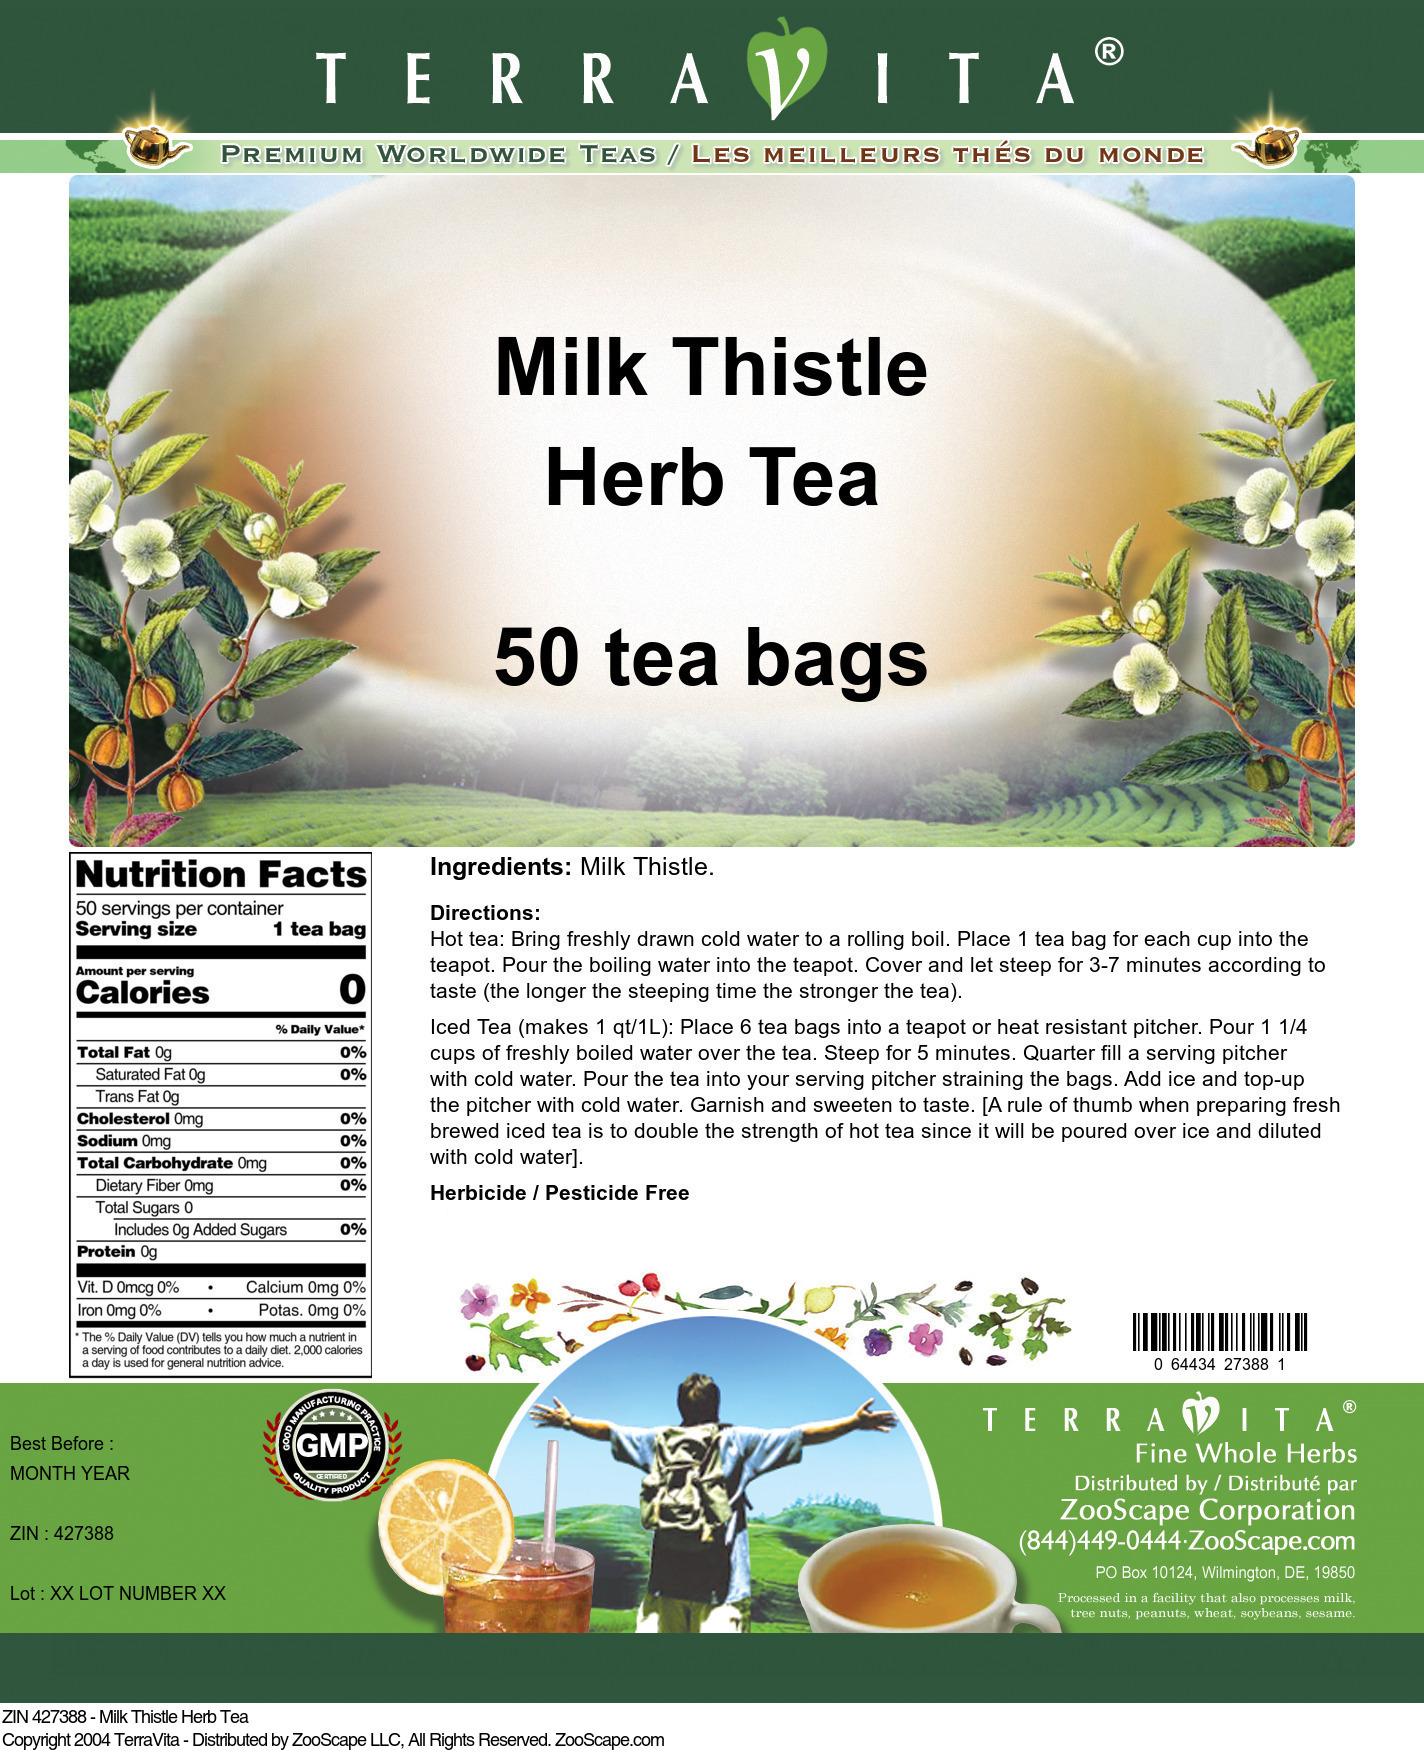 Milk Thistle Herb Tea